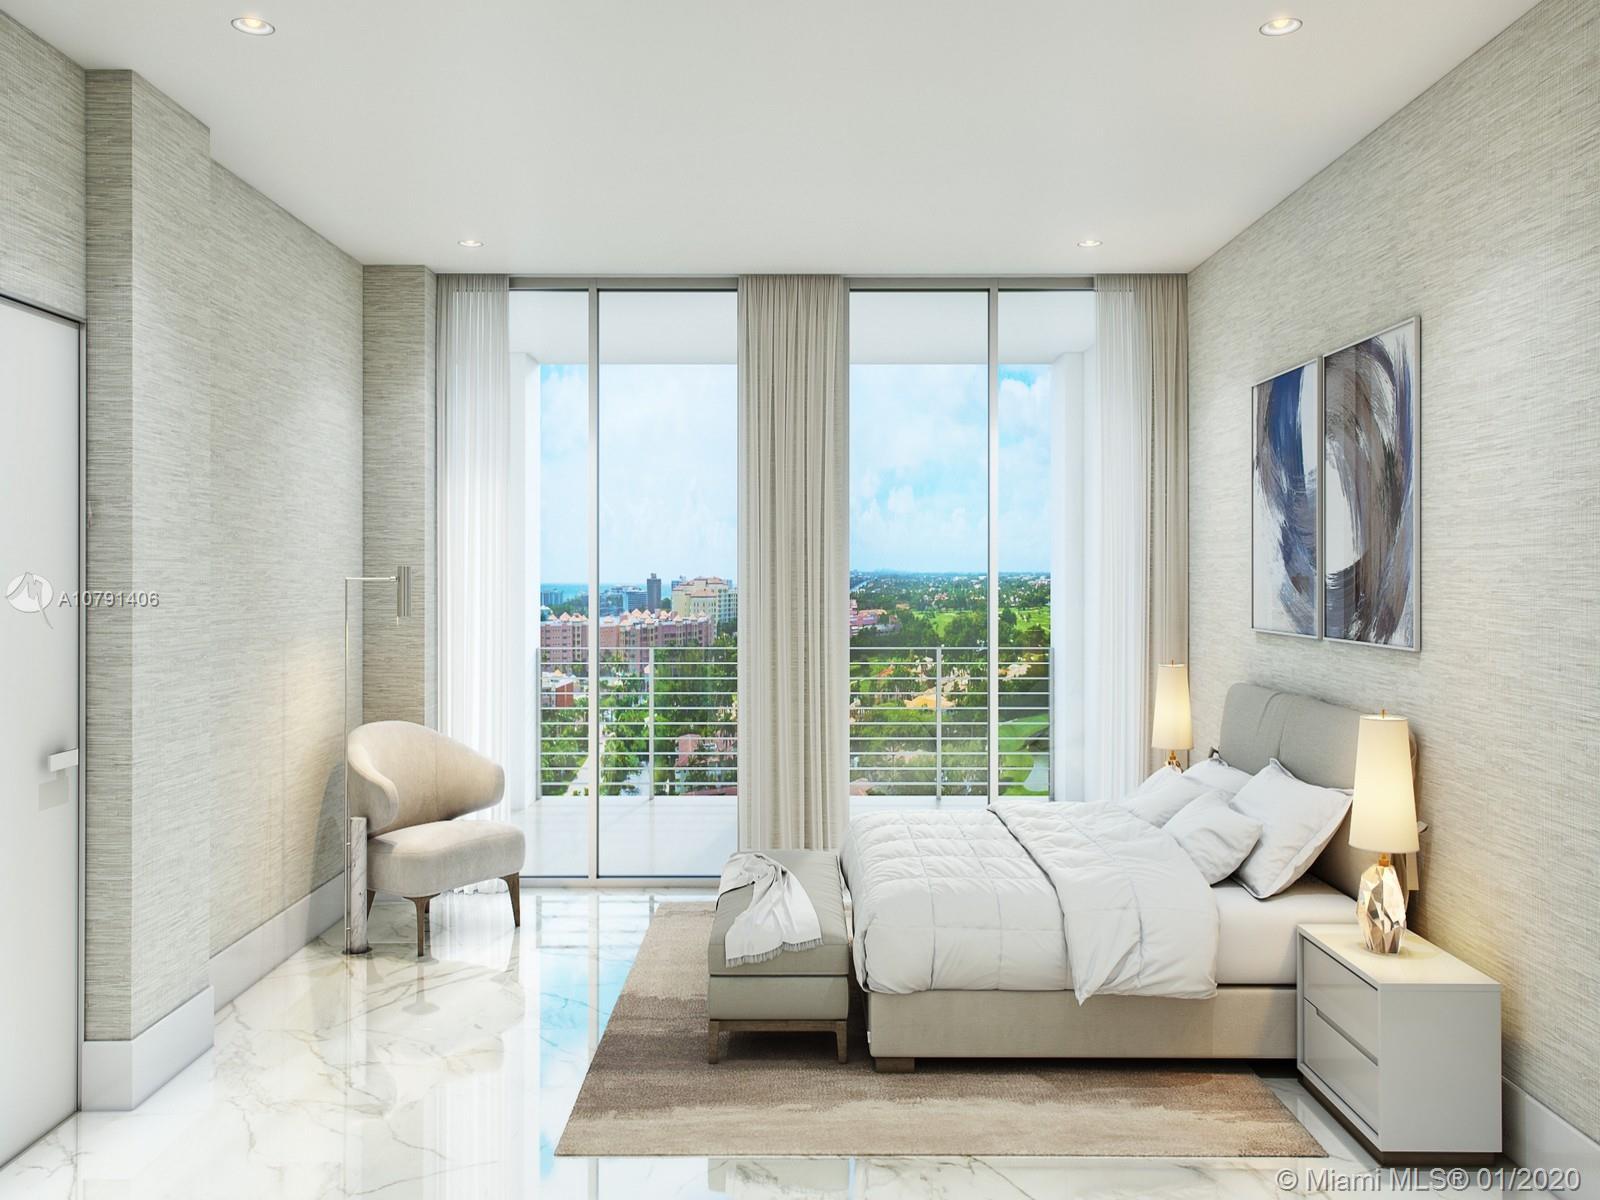 image #1 of property, Royal Palm Residences, Unit 402